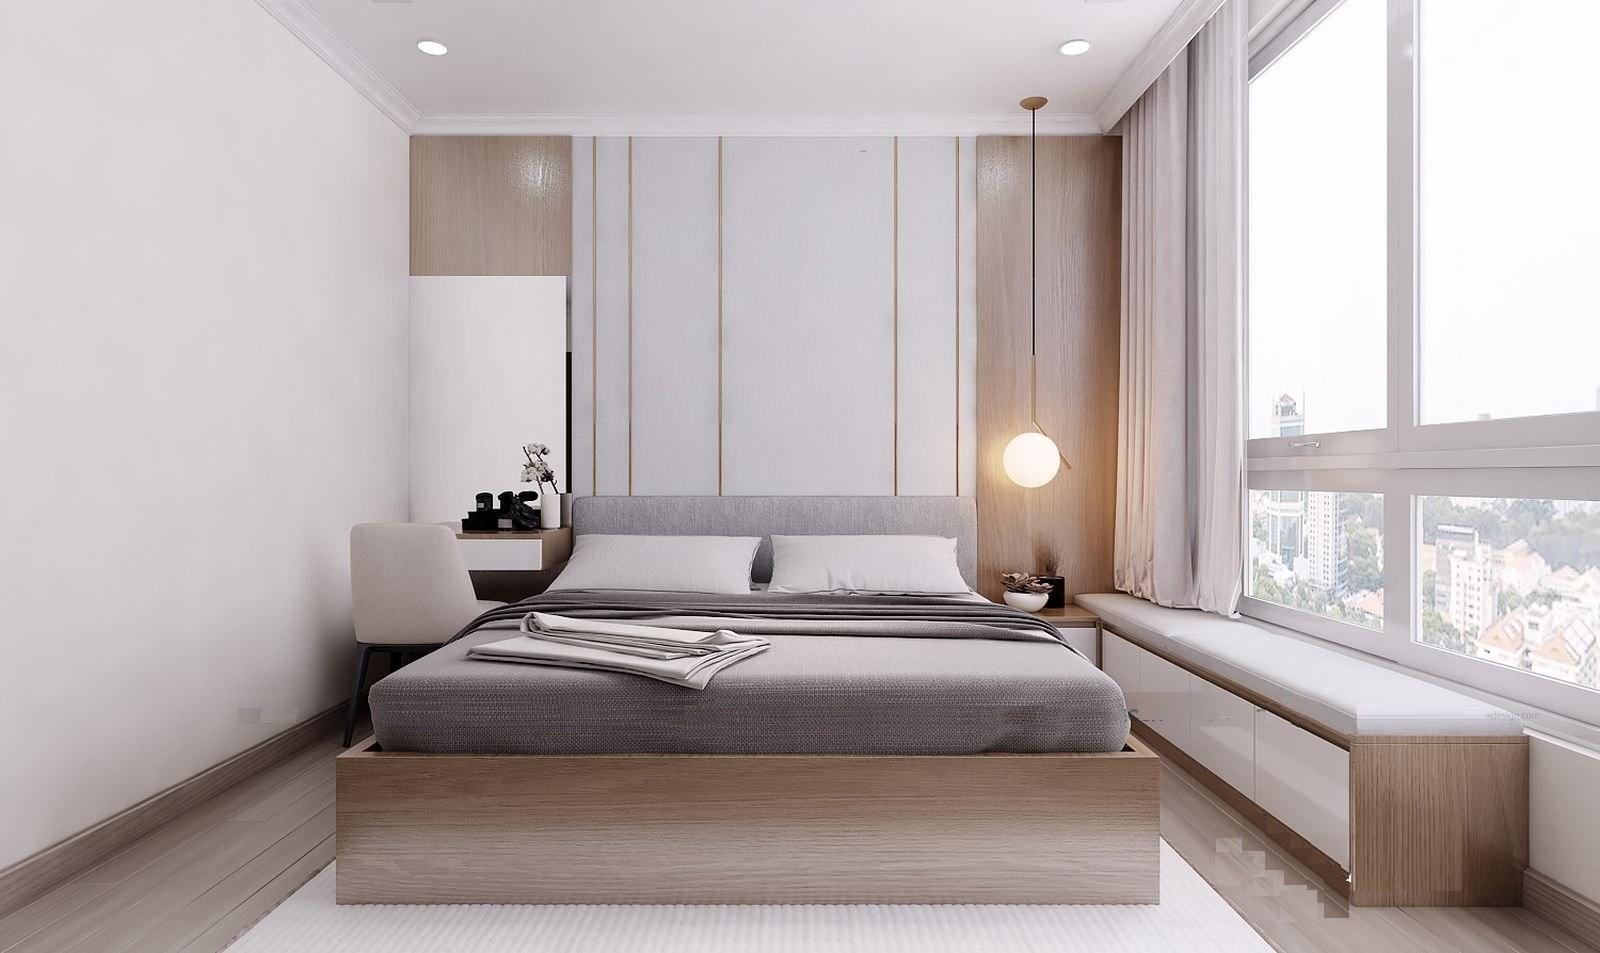 Mẫu thiết kế nội thất căn hộ 76m2